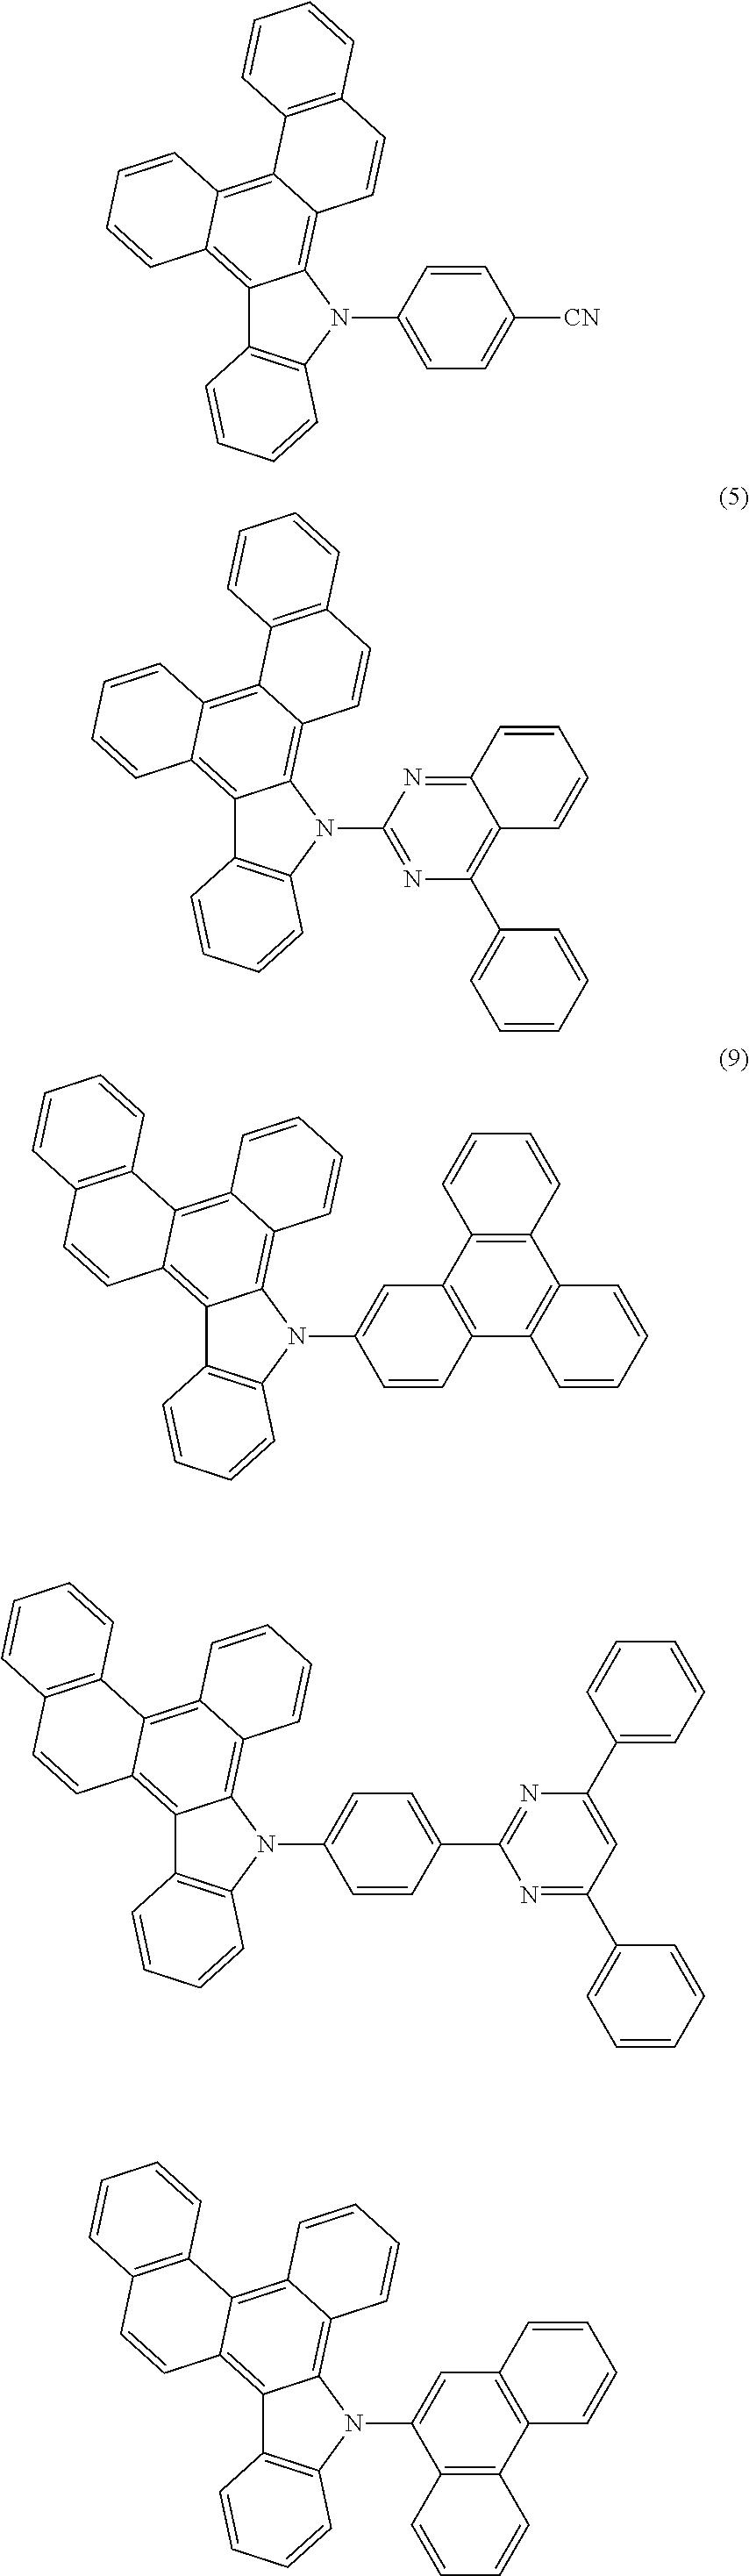 Figure US09837615-20171205-C00042